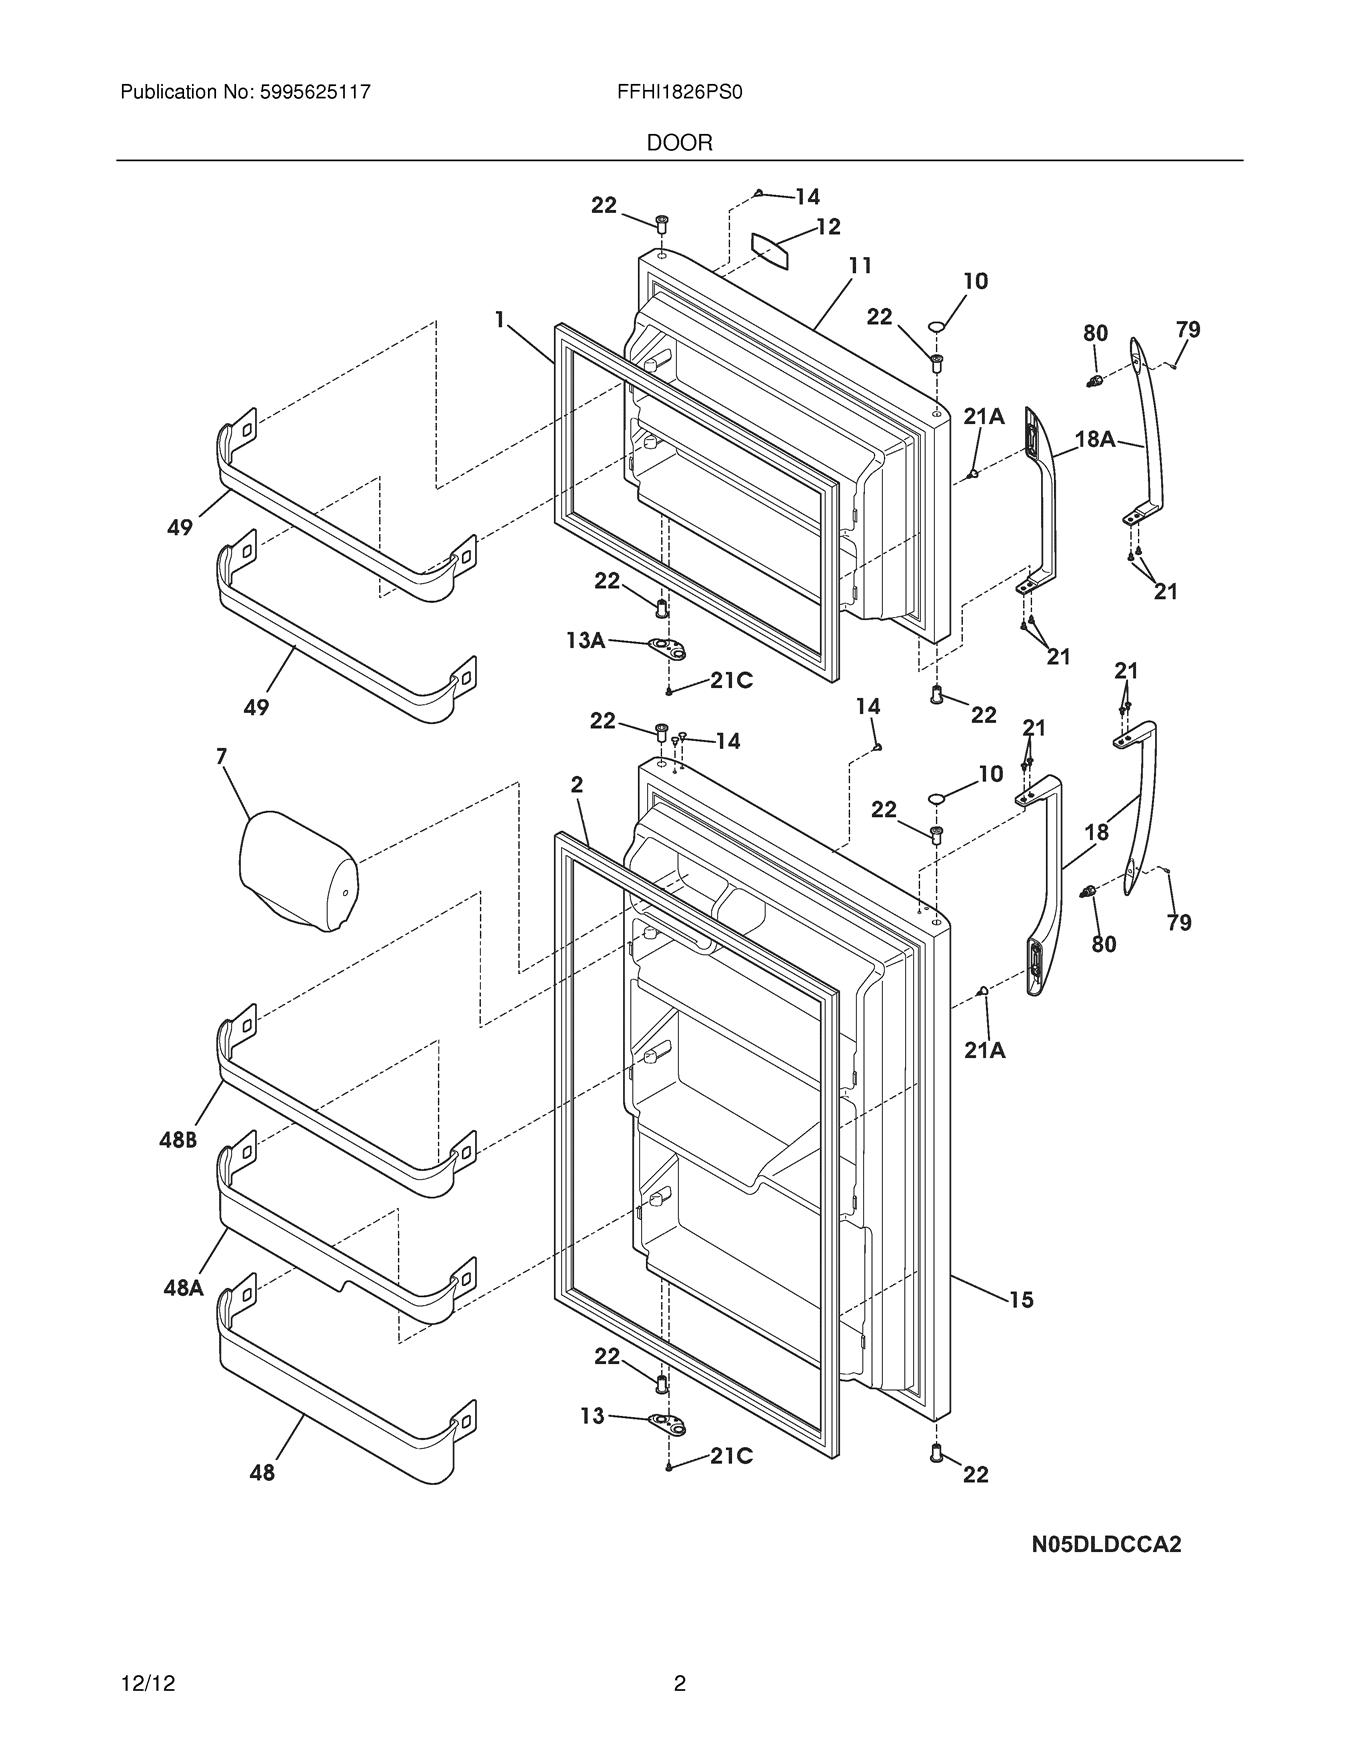 Frigidaire Ffhi Ps0 Refrigerator Door Shelf Retainer